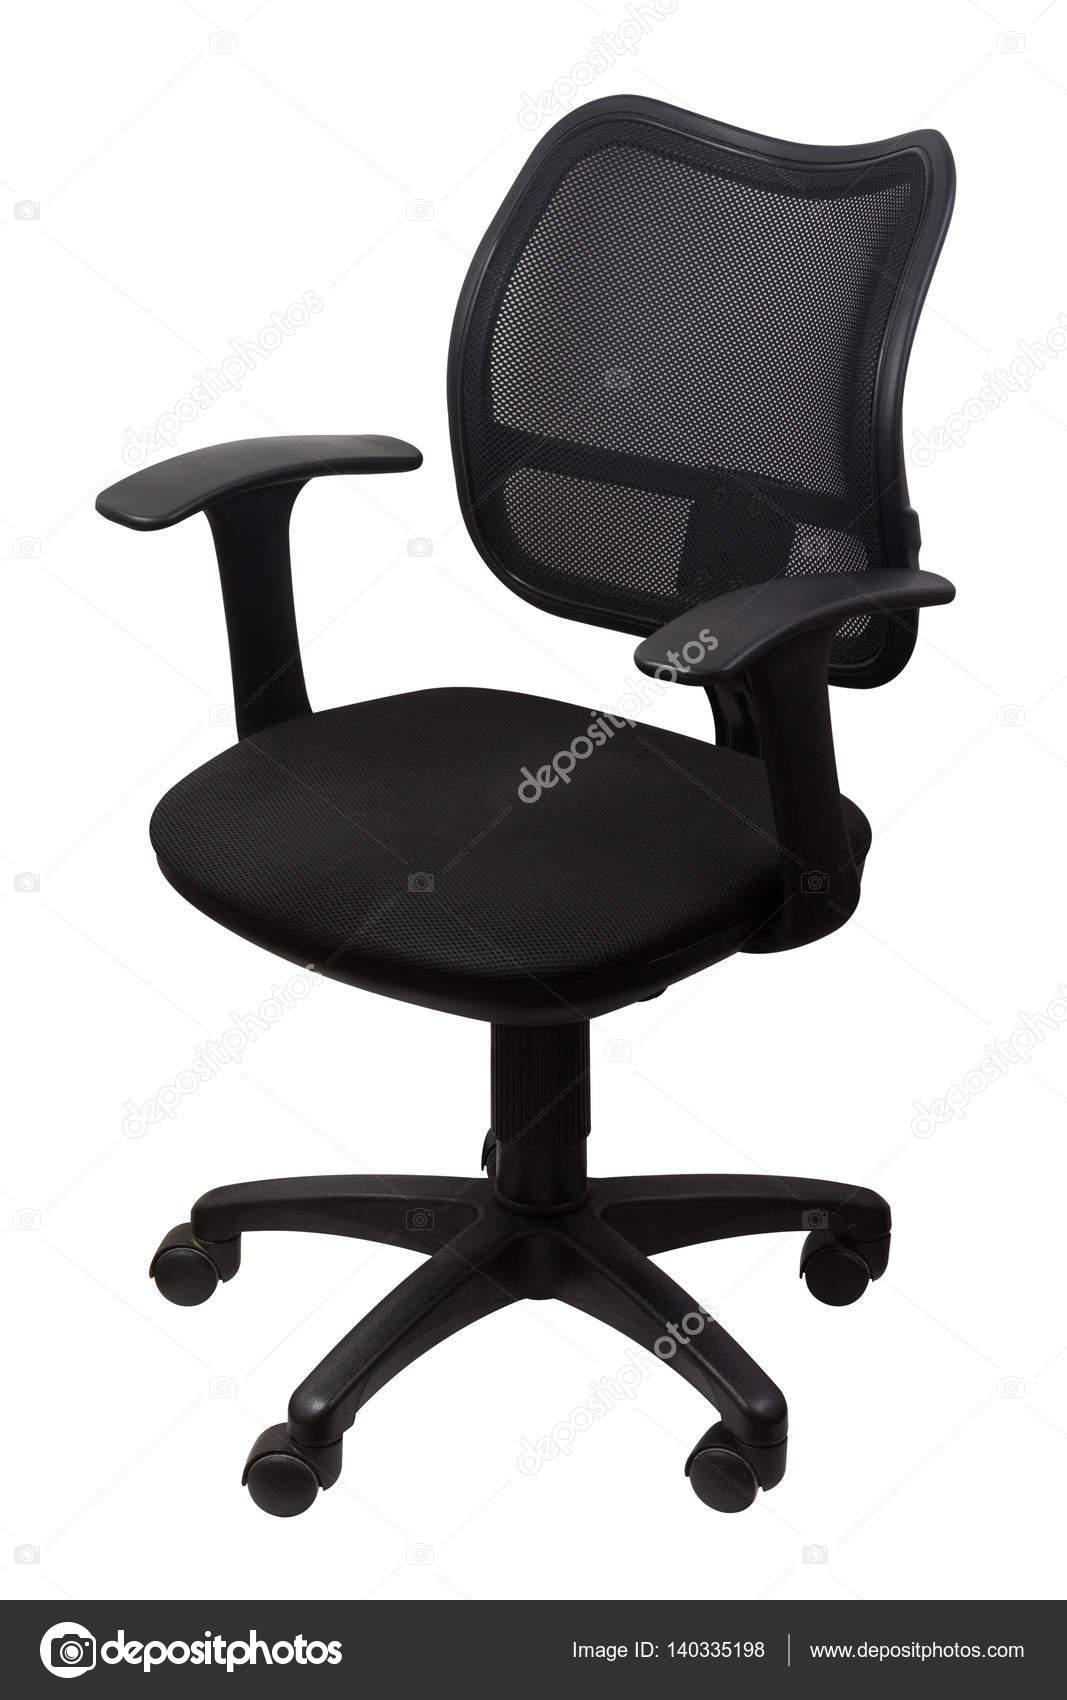 De Silla — Aislado Blanco Oficina Stock Negro En Vieja Fotos Nv0wm8nO